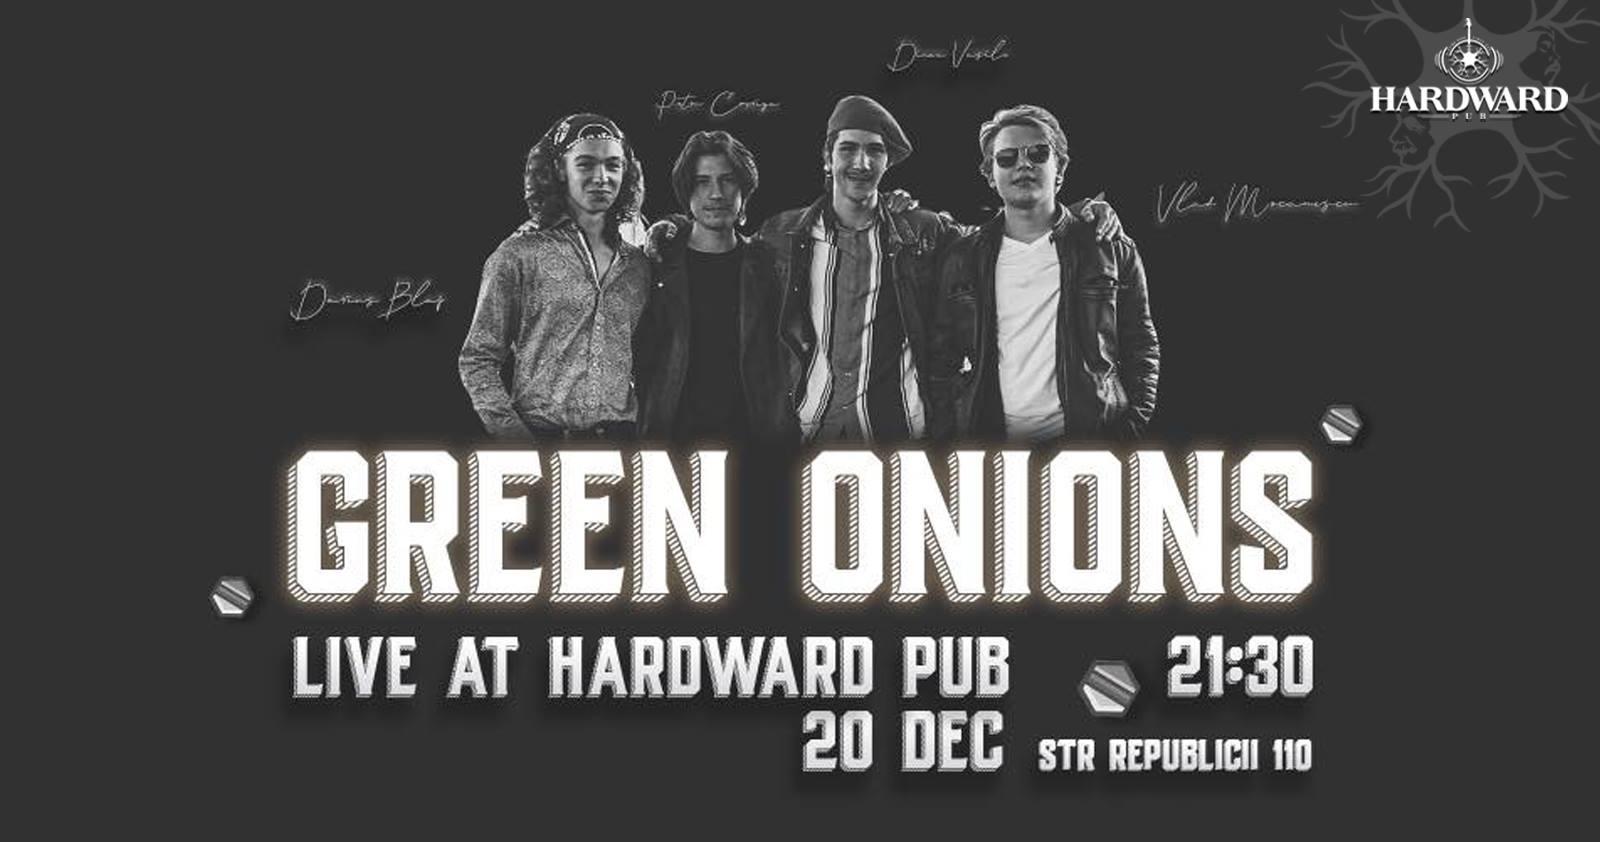 Green Onions Live at Hardward Pub